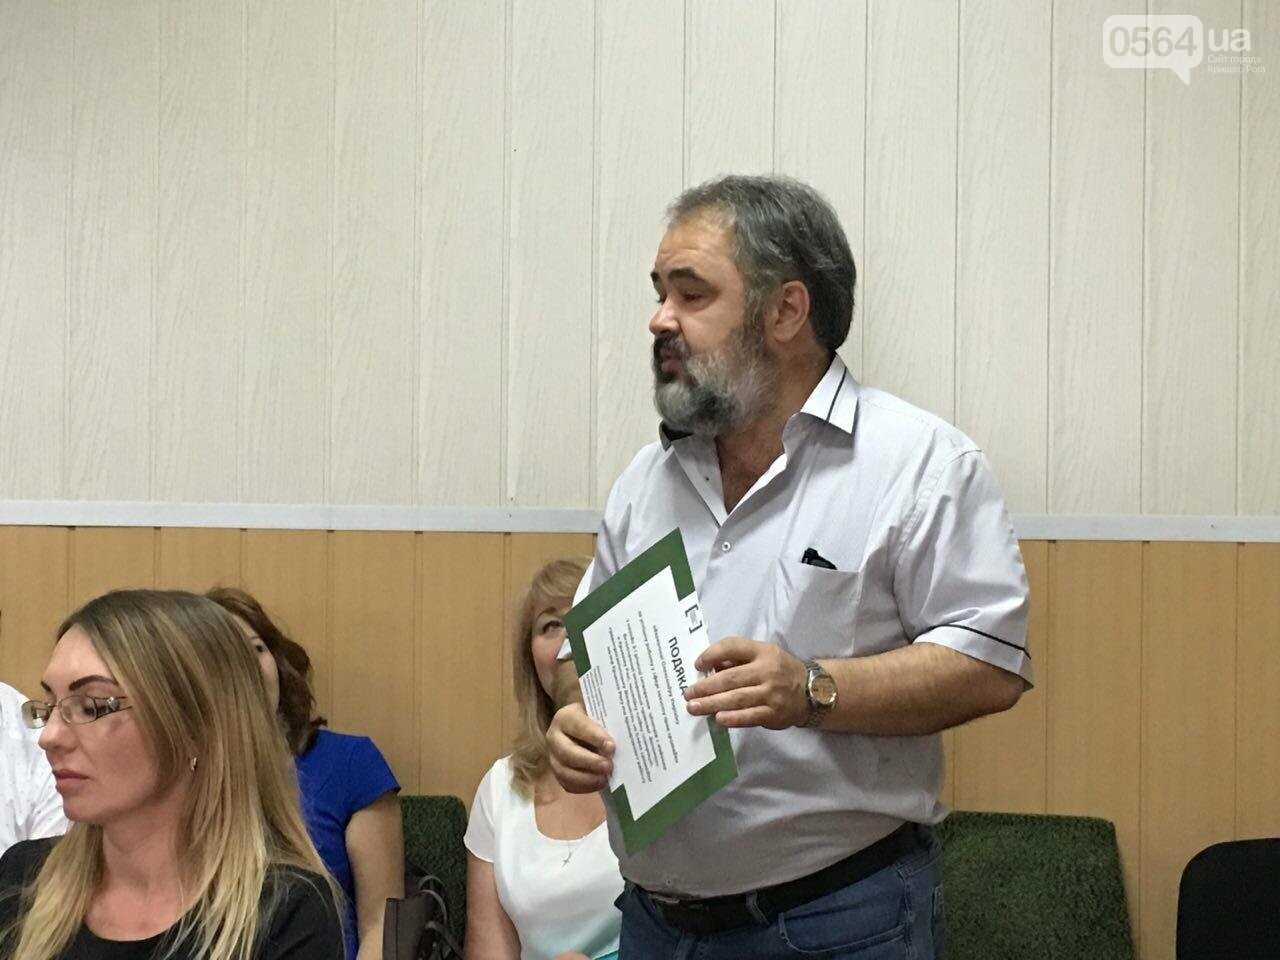 Криворожские центры по предоставлению бесплатной правовой помощи подвели итоги работы за 3 года, - ФОТО, фото-13